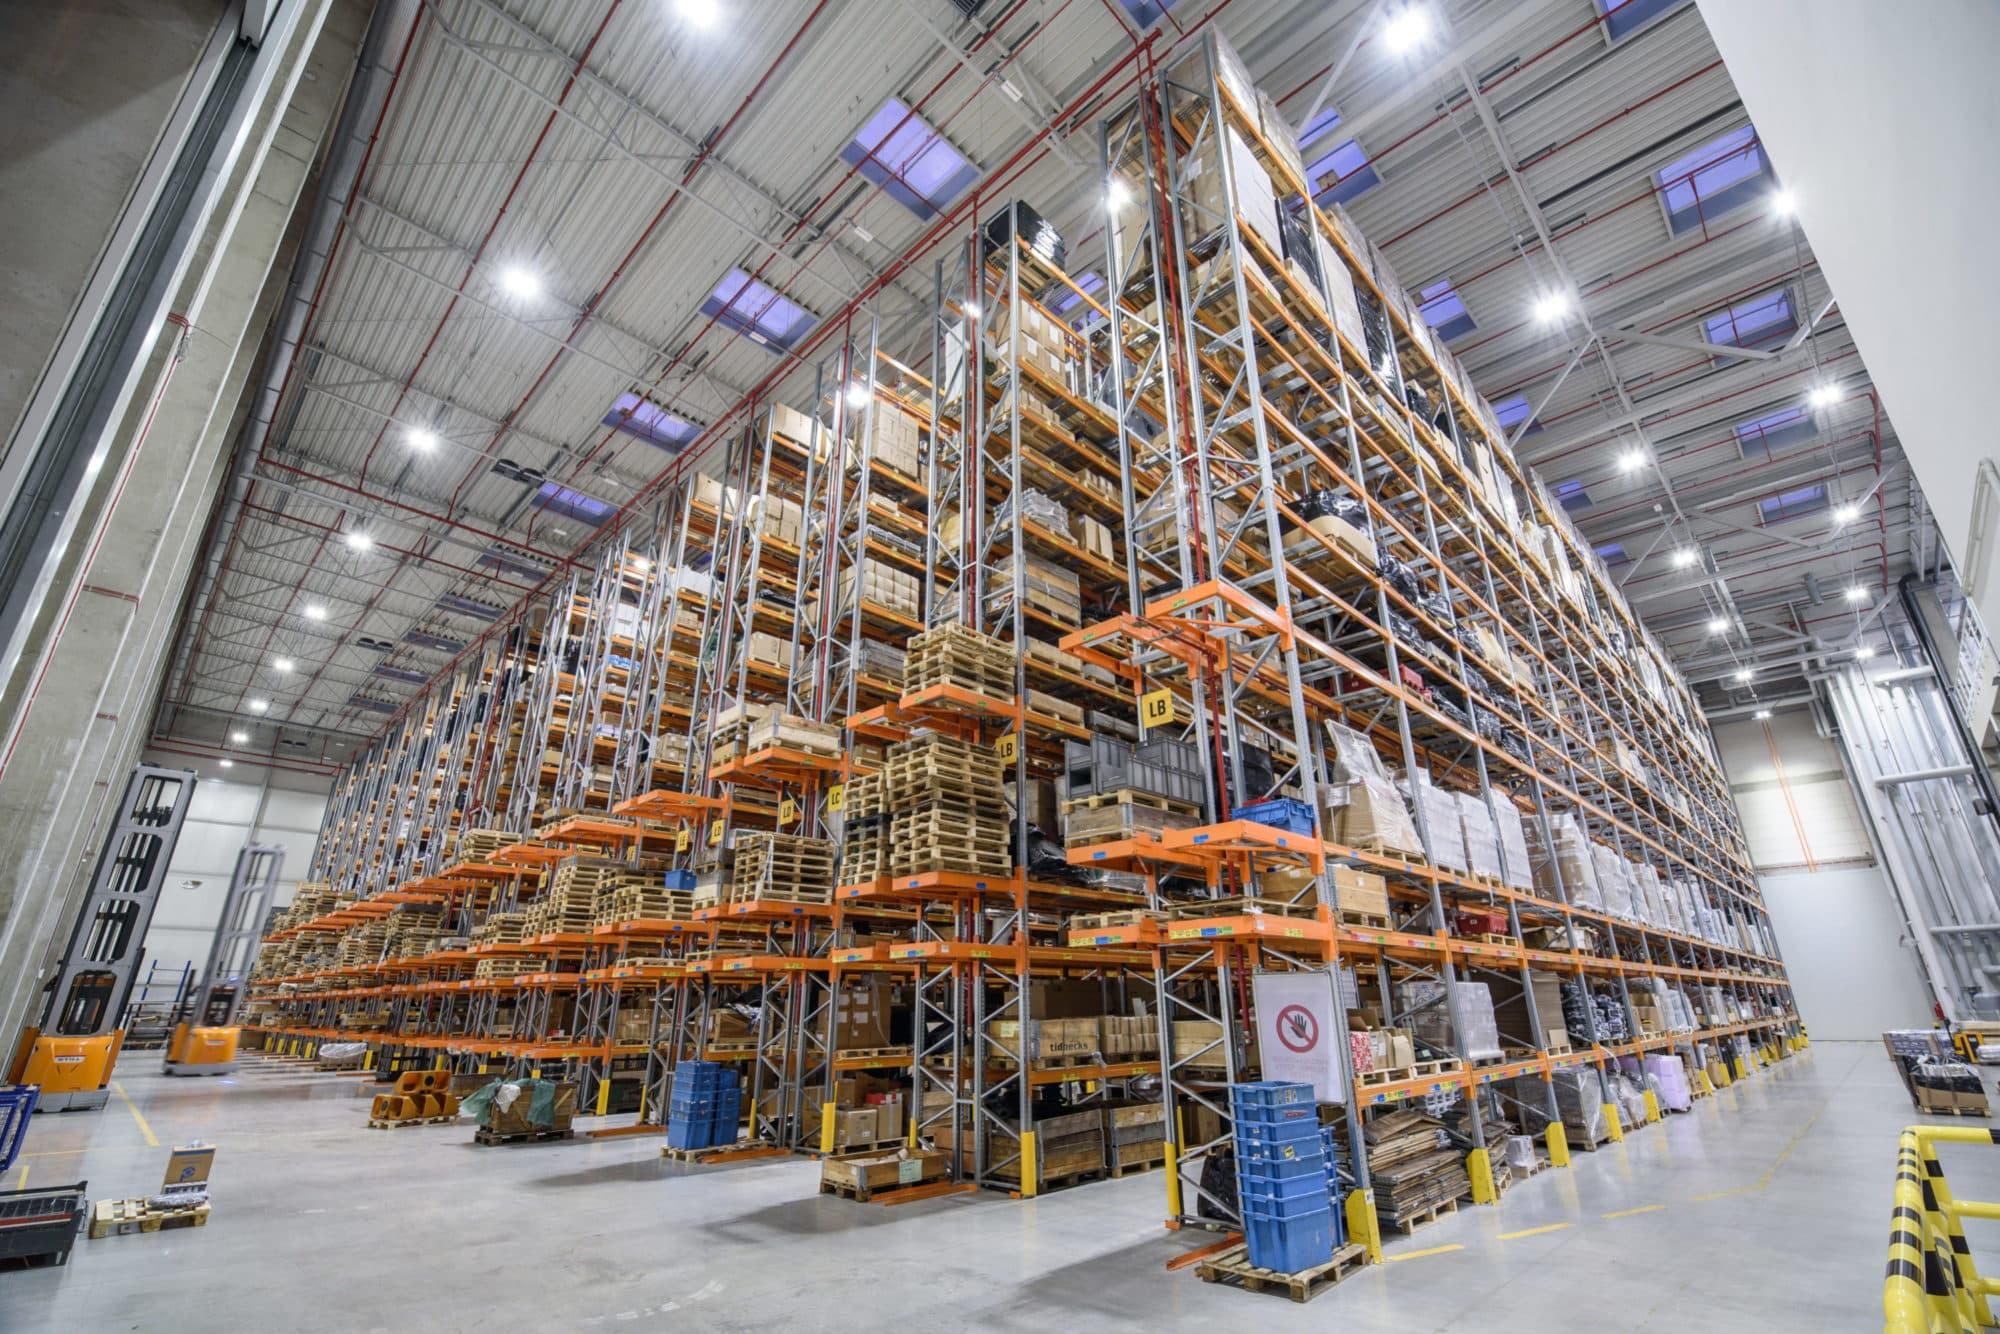 Oświetlenie przemysłowe Highbay w magazynie wysokiego składowania firmy Grene Kramp - Luxon LED